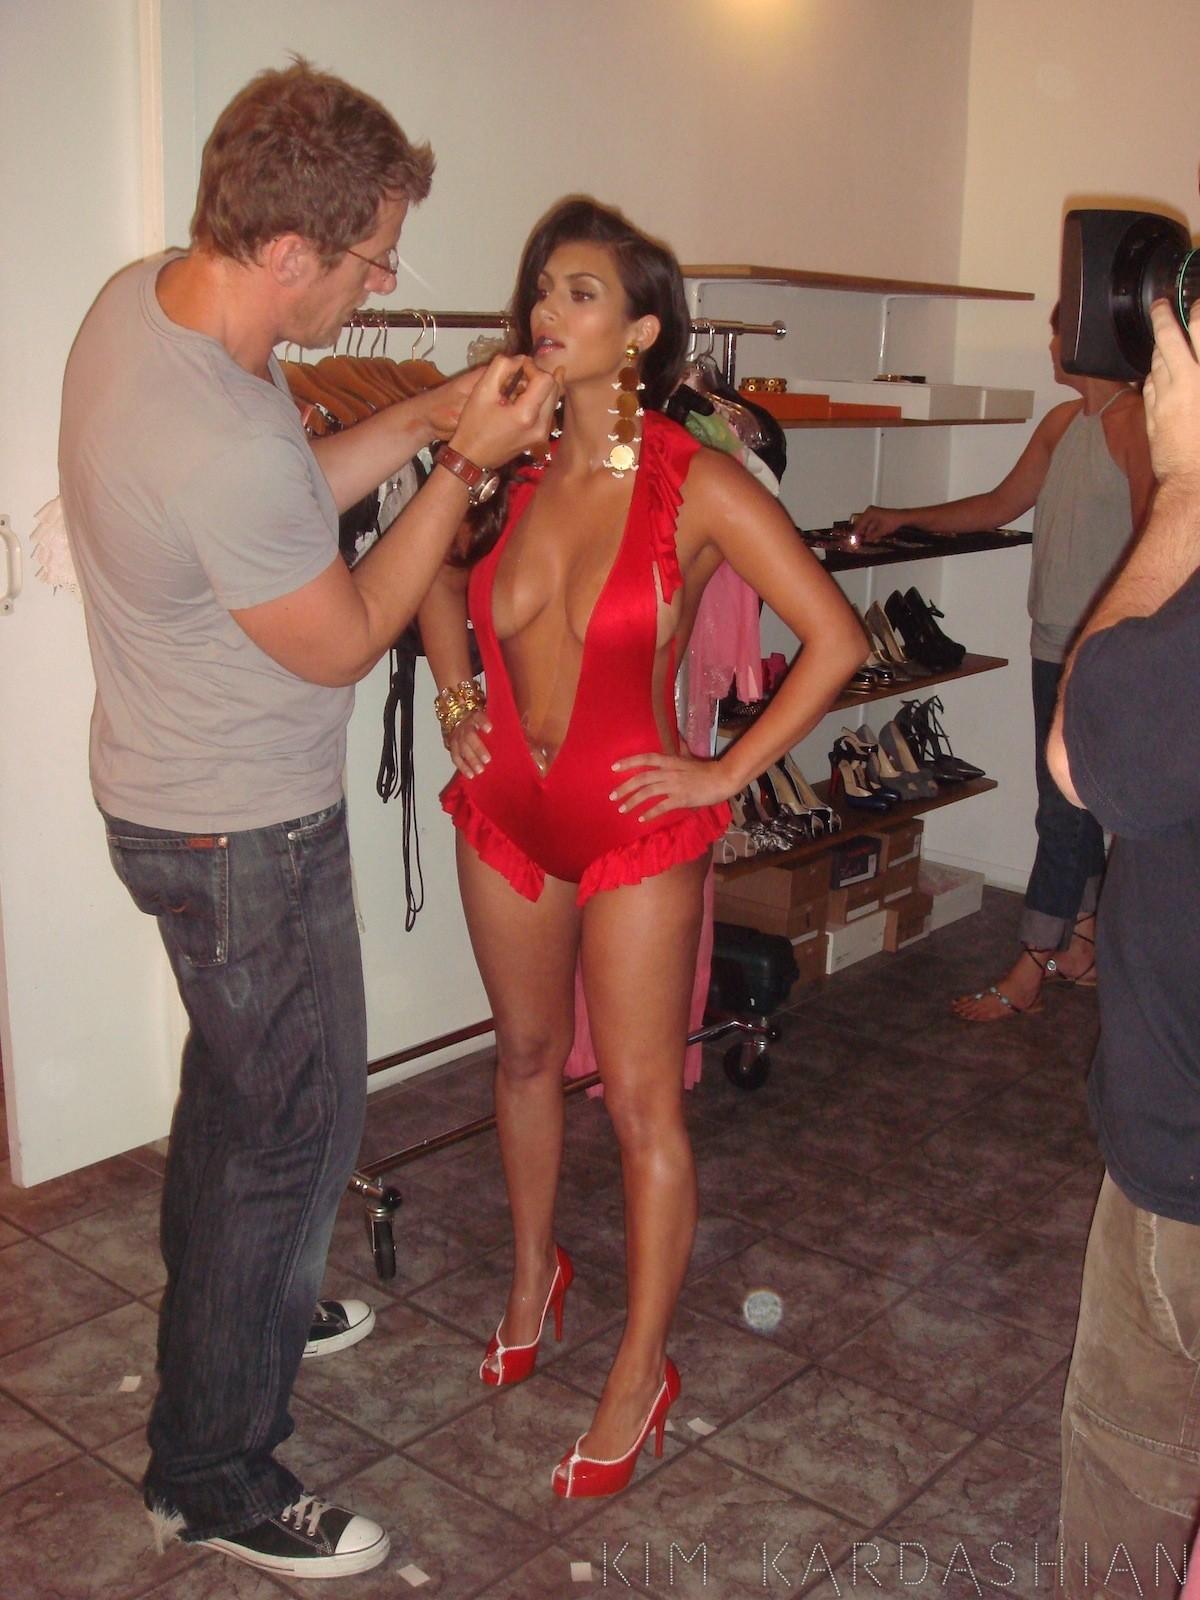 http://2.bp.blogspot.com/-bLAHB0FoPmo/UDHk7GT5OtI/AAAAAAAA7vo/OHX9b7KNeKo/s1600/Kim-Kardashian03.jpg